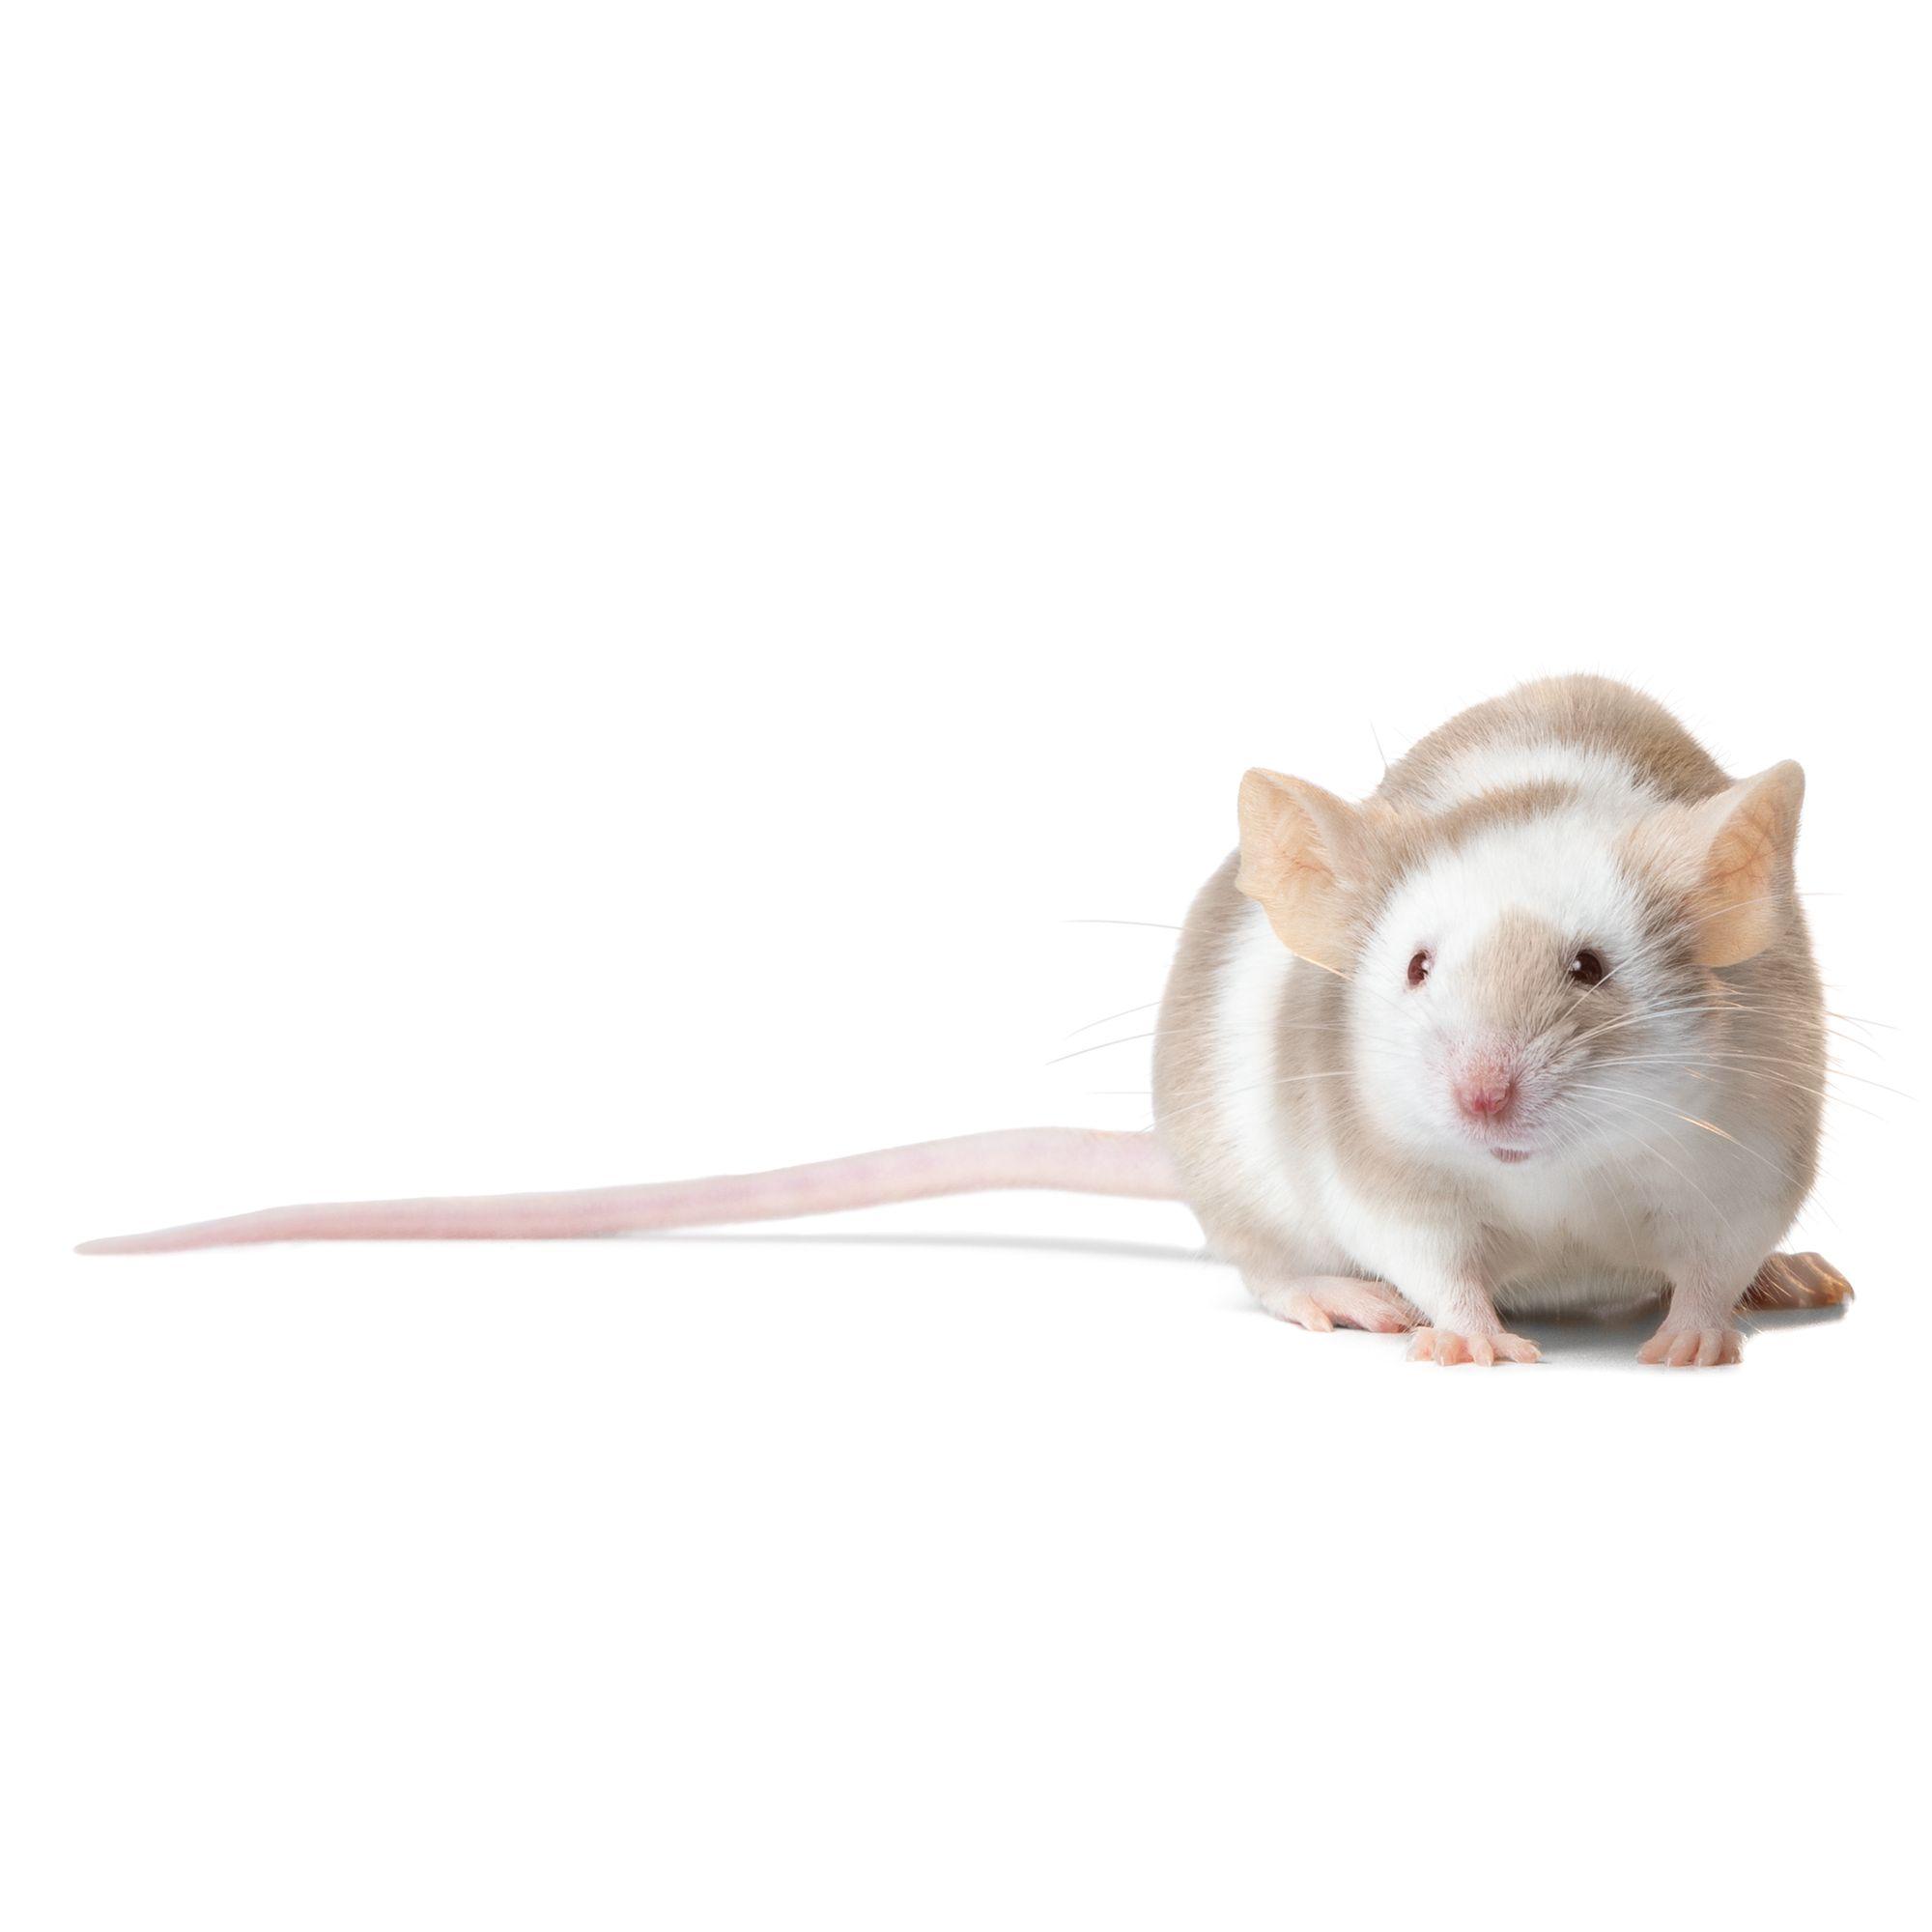 Male Fancy Mouse 4051166